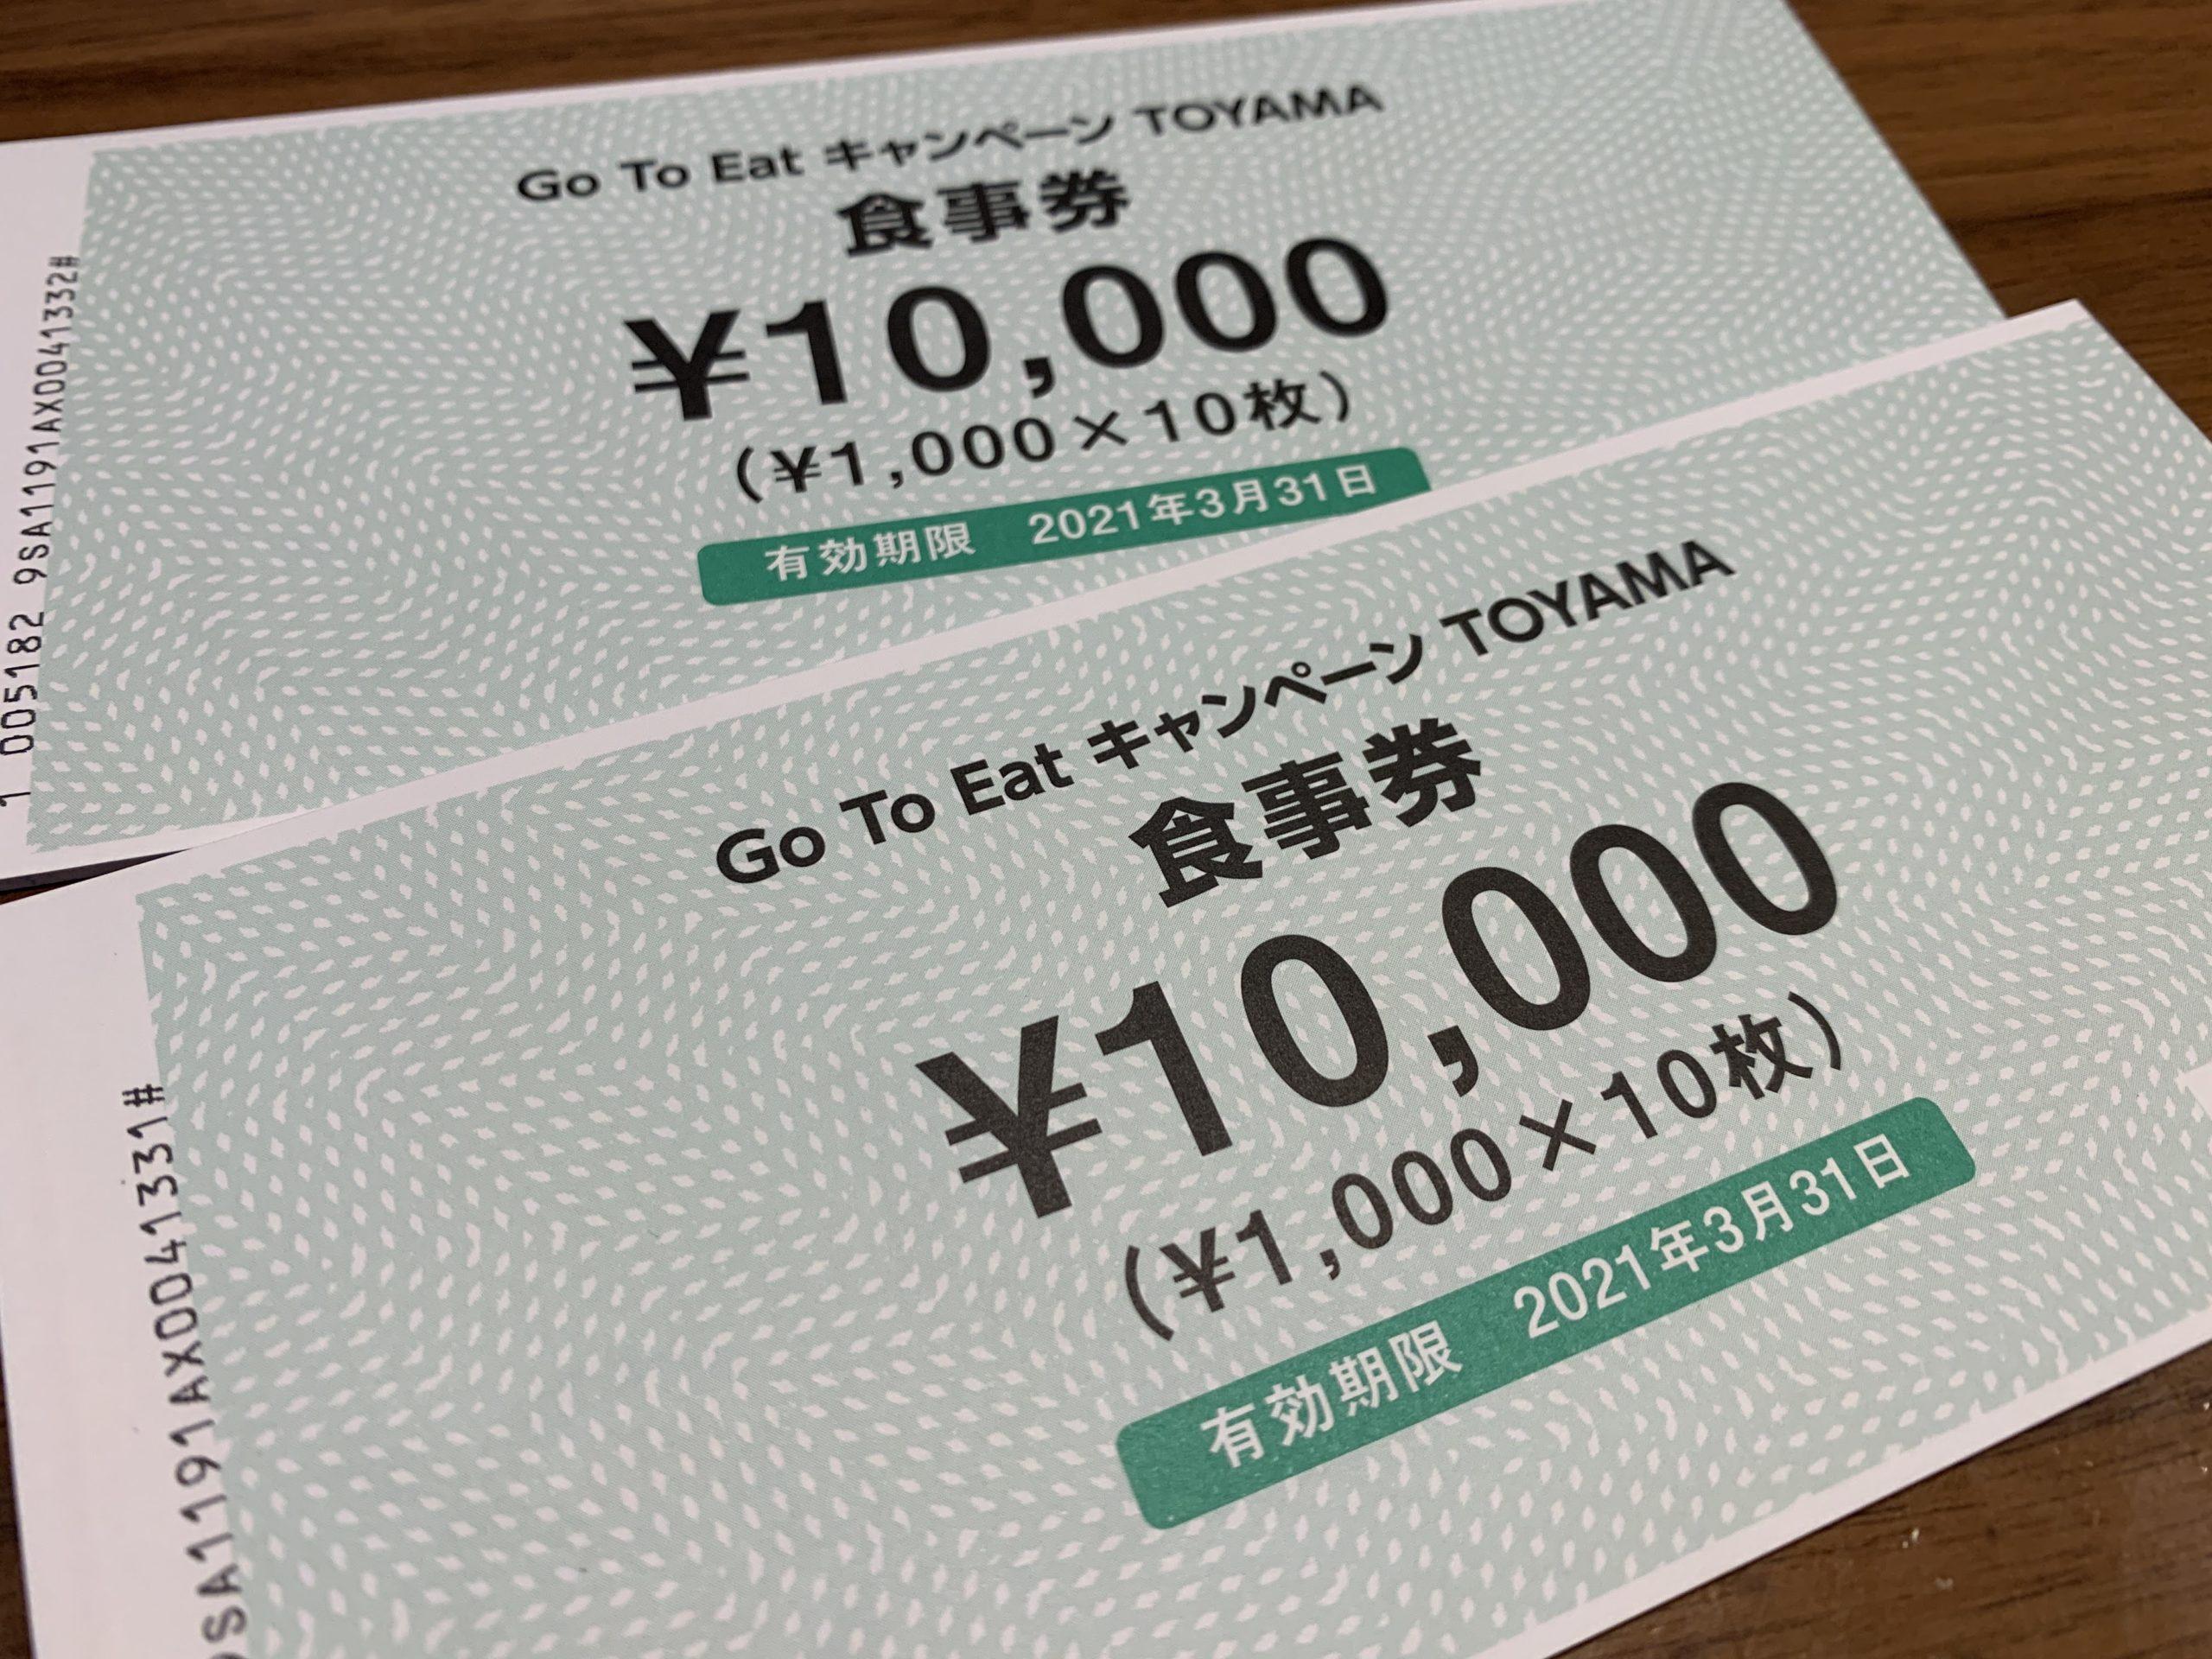 富山県GoToイートキャンペーン食事券の混雑状況や、売切れは?初日の様子